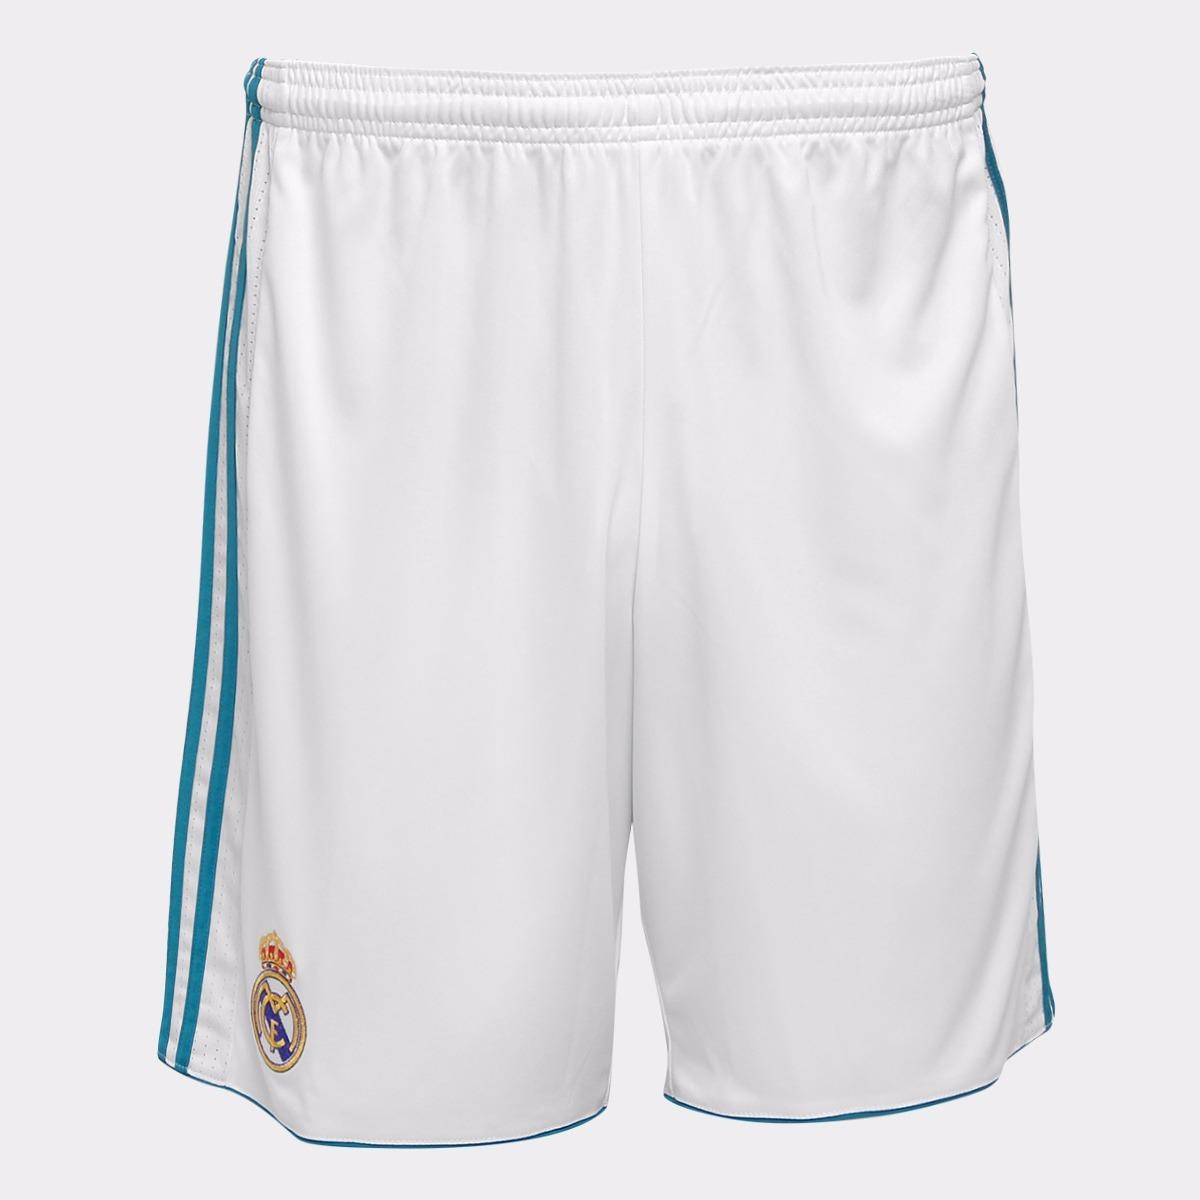 calção do real madrid cinza rosa jogador shorts adidas branc. Carregando  zoom. 97af0341ee1b9